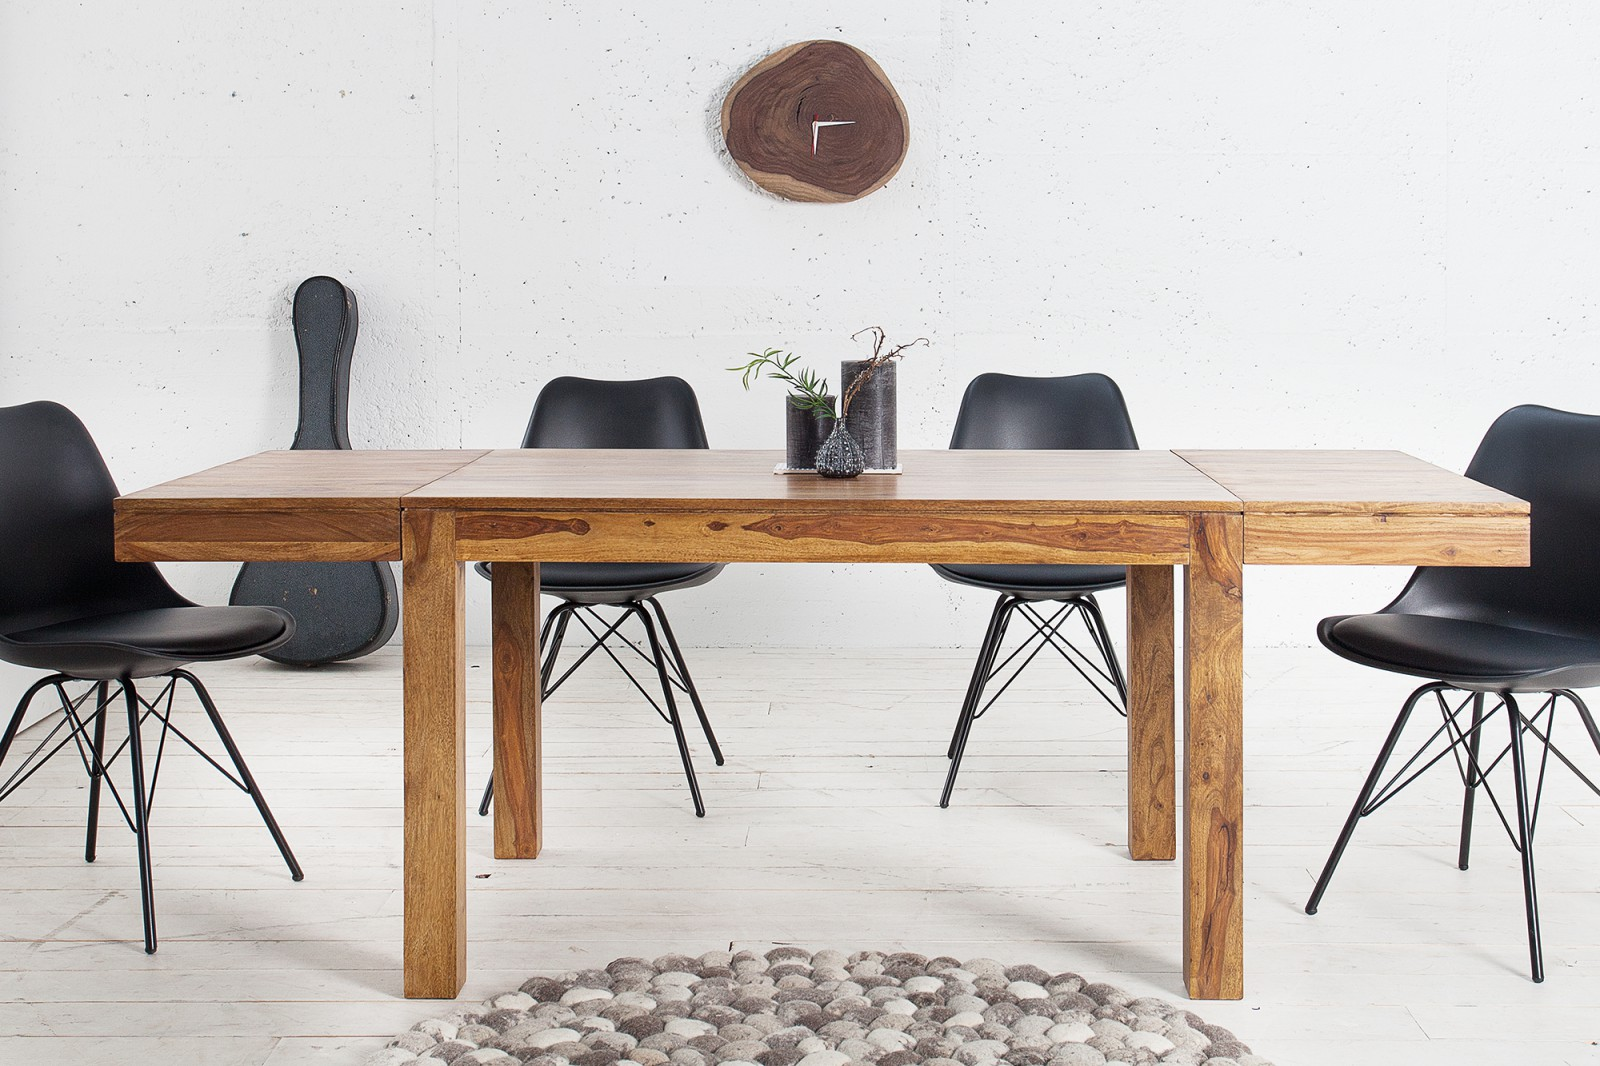 LAGOS tömör rózsafa étkezőasztal 120cm | Modern fa